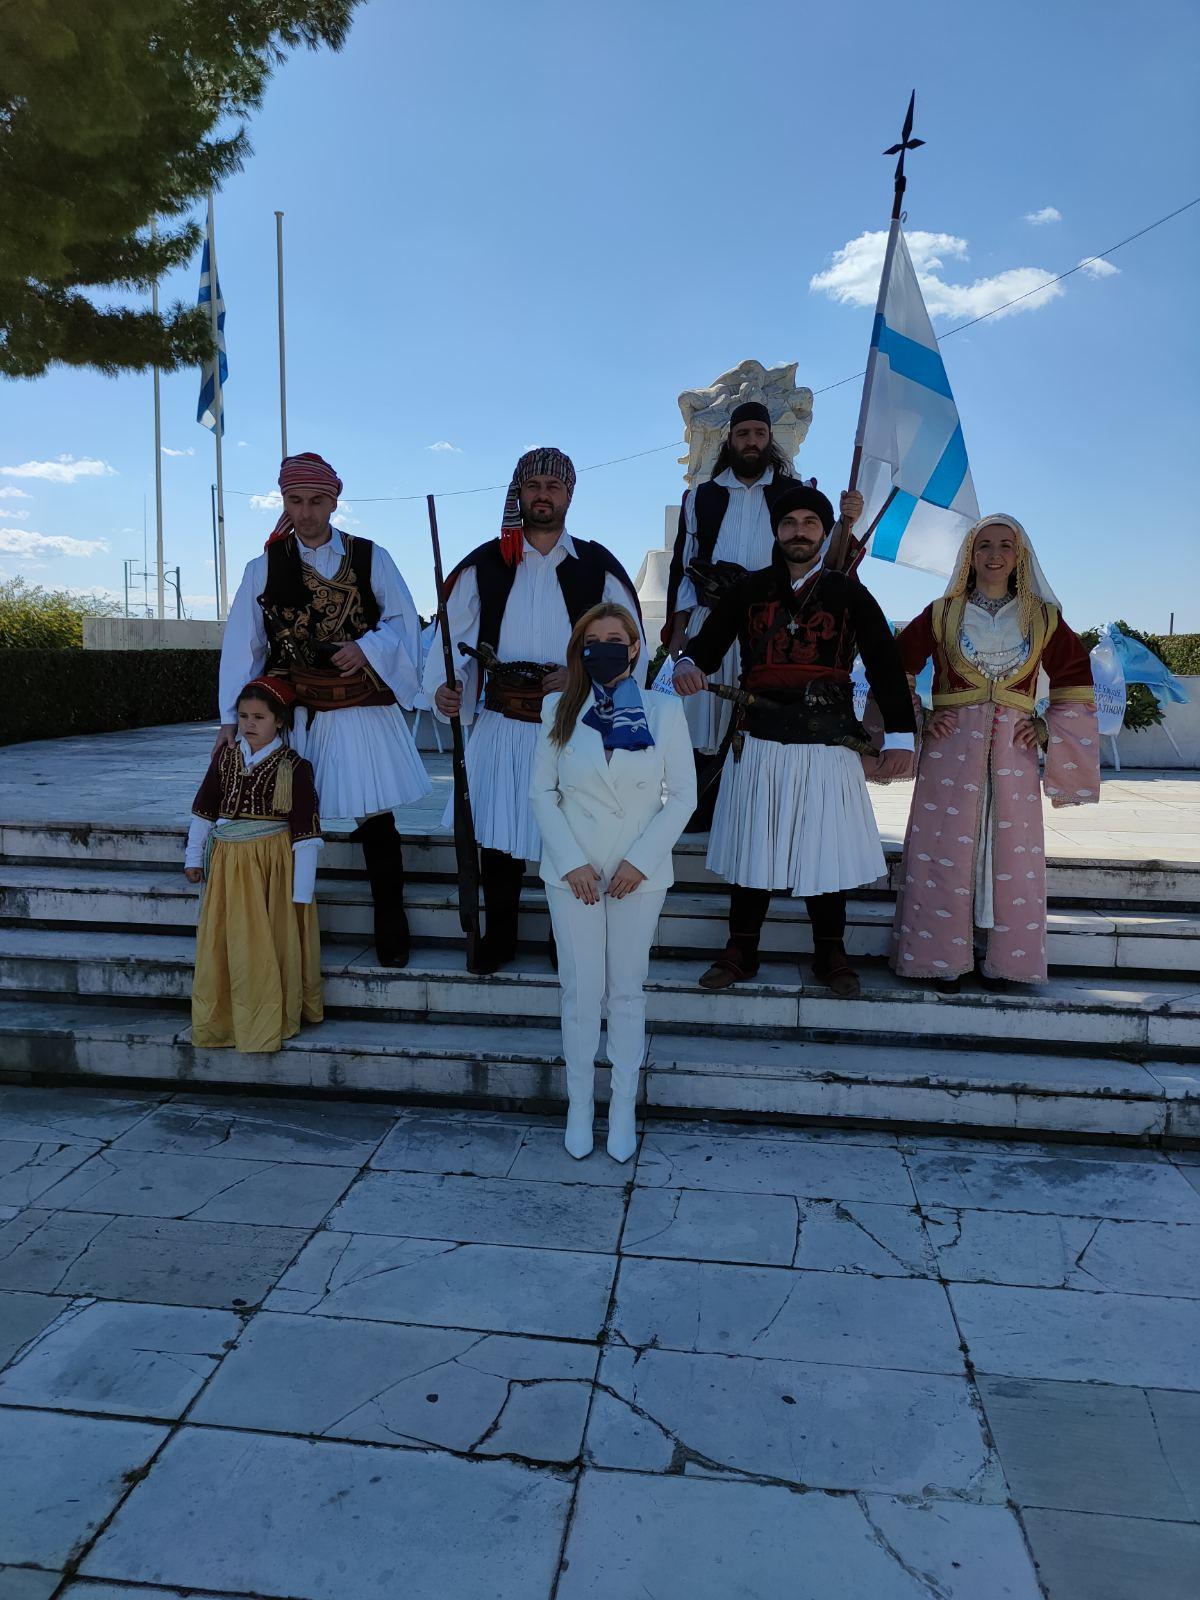 Μήνυμα Δ. Αυγερινοπούλου για την Επέτειο των 200 ετών από την Επανάσταση του 1821: «Τα ελληνικά ιδεώδη ενέπνευσαν, εμπνέουν και θα εμπνέουν!» (photos)